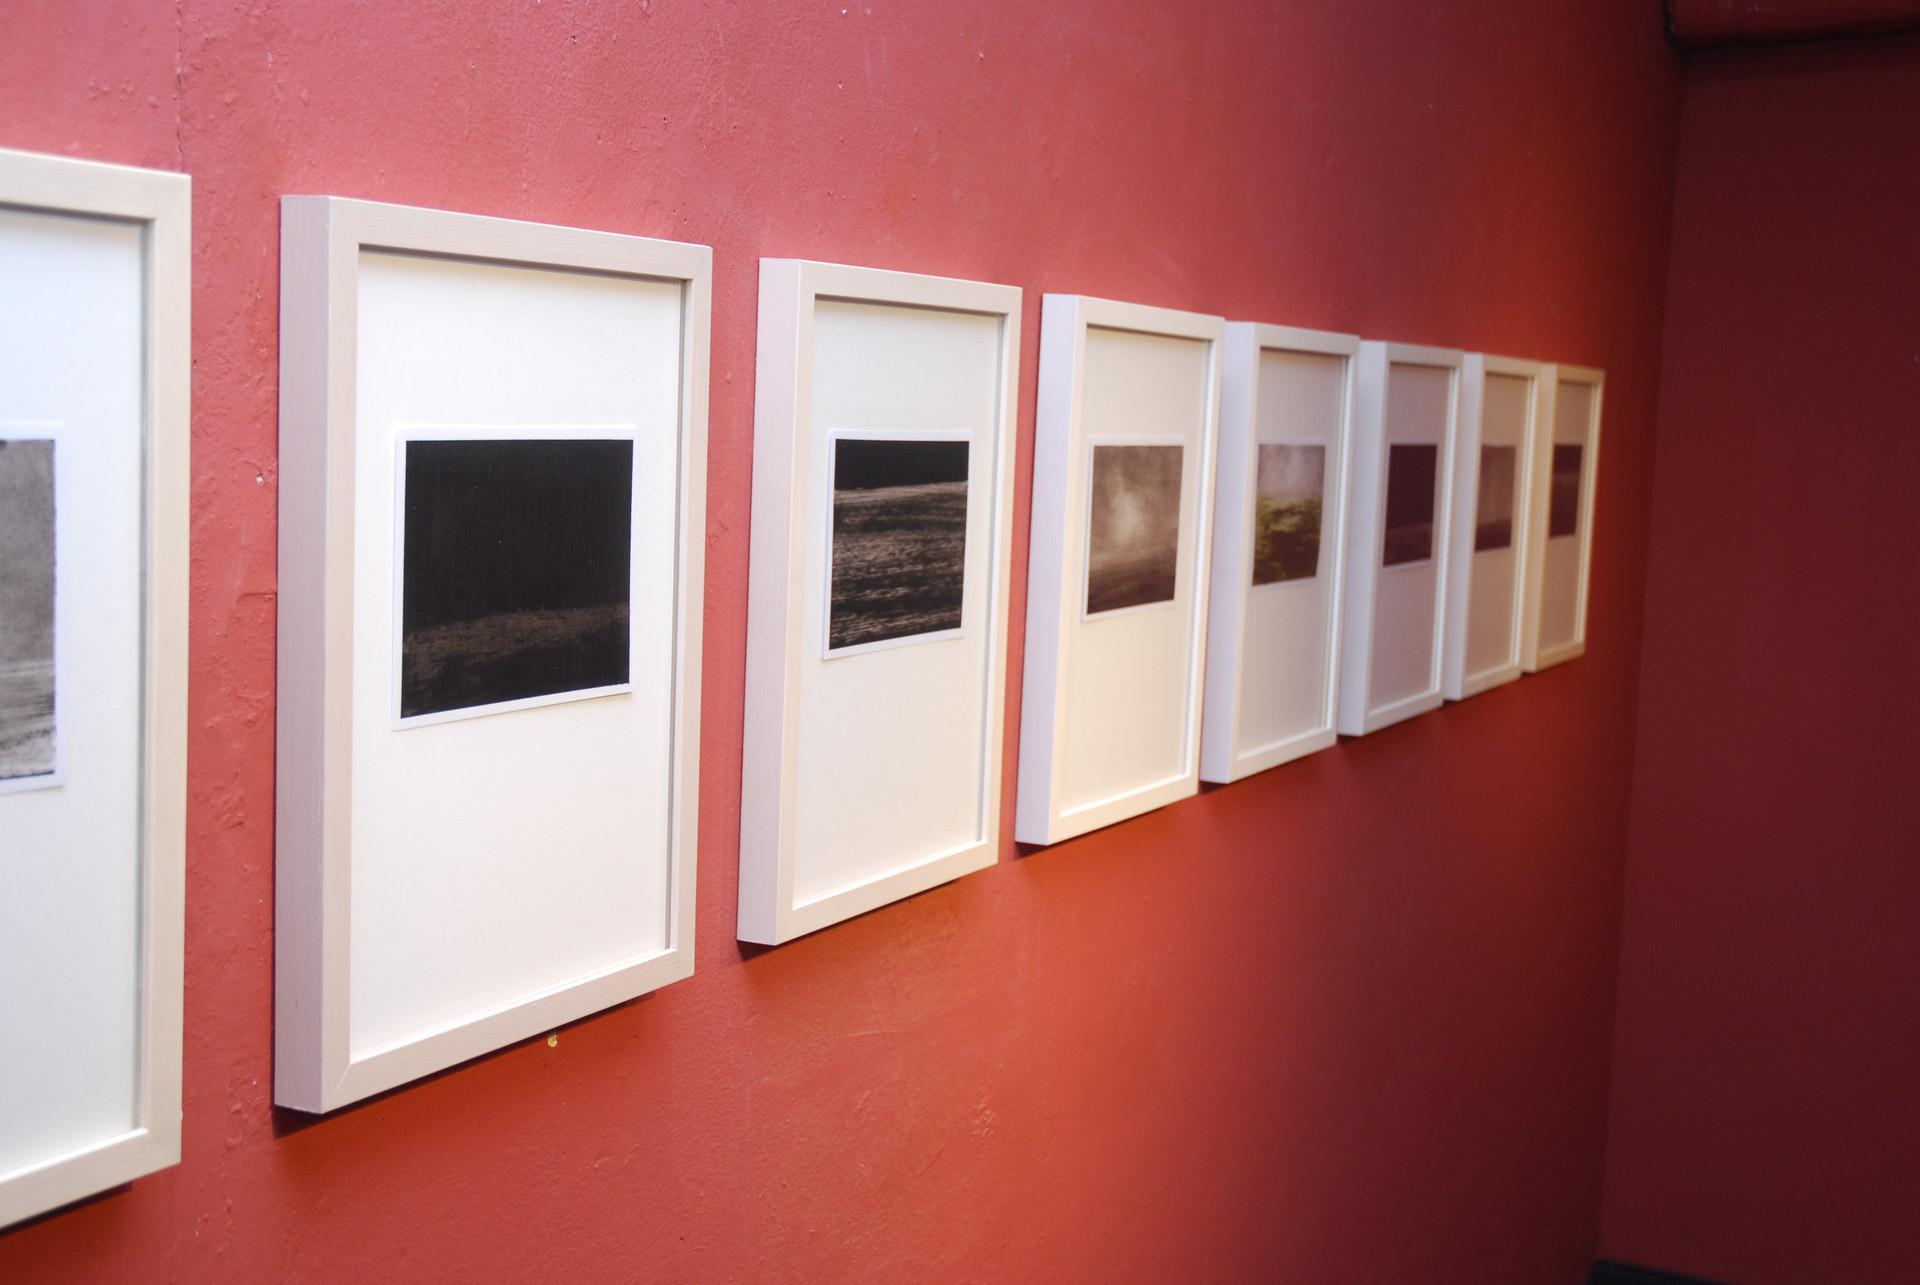 kunstverein artlantis bad homburg, 8 bilder, ohne titel, öl auf papier, 15 x 10